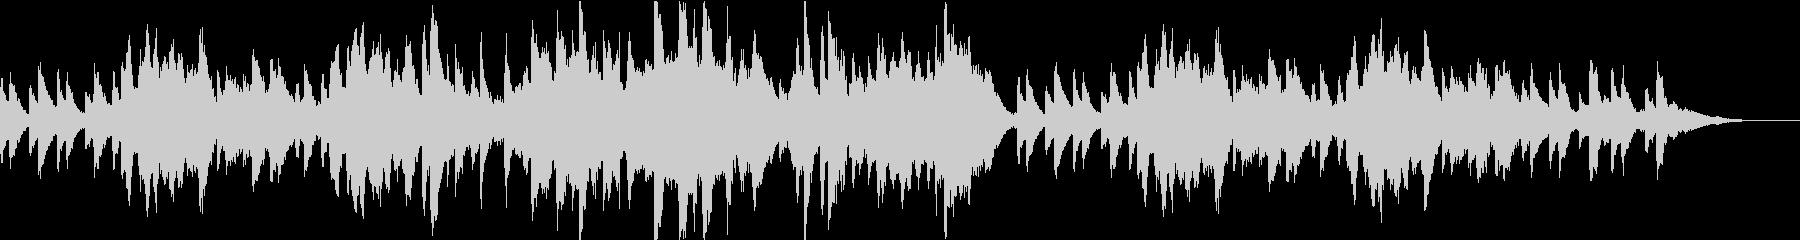 ジムノペディをリアルなチェロでの未再生の波形